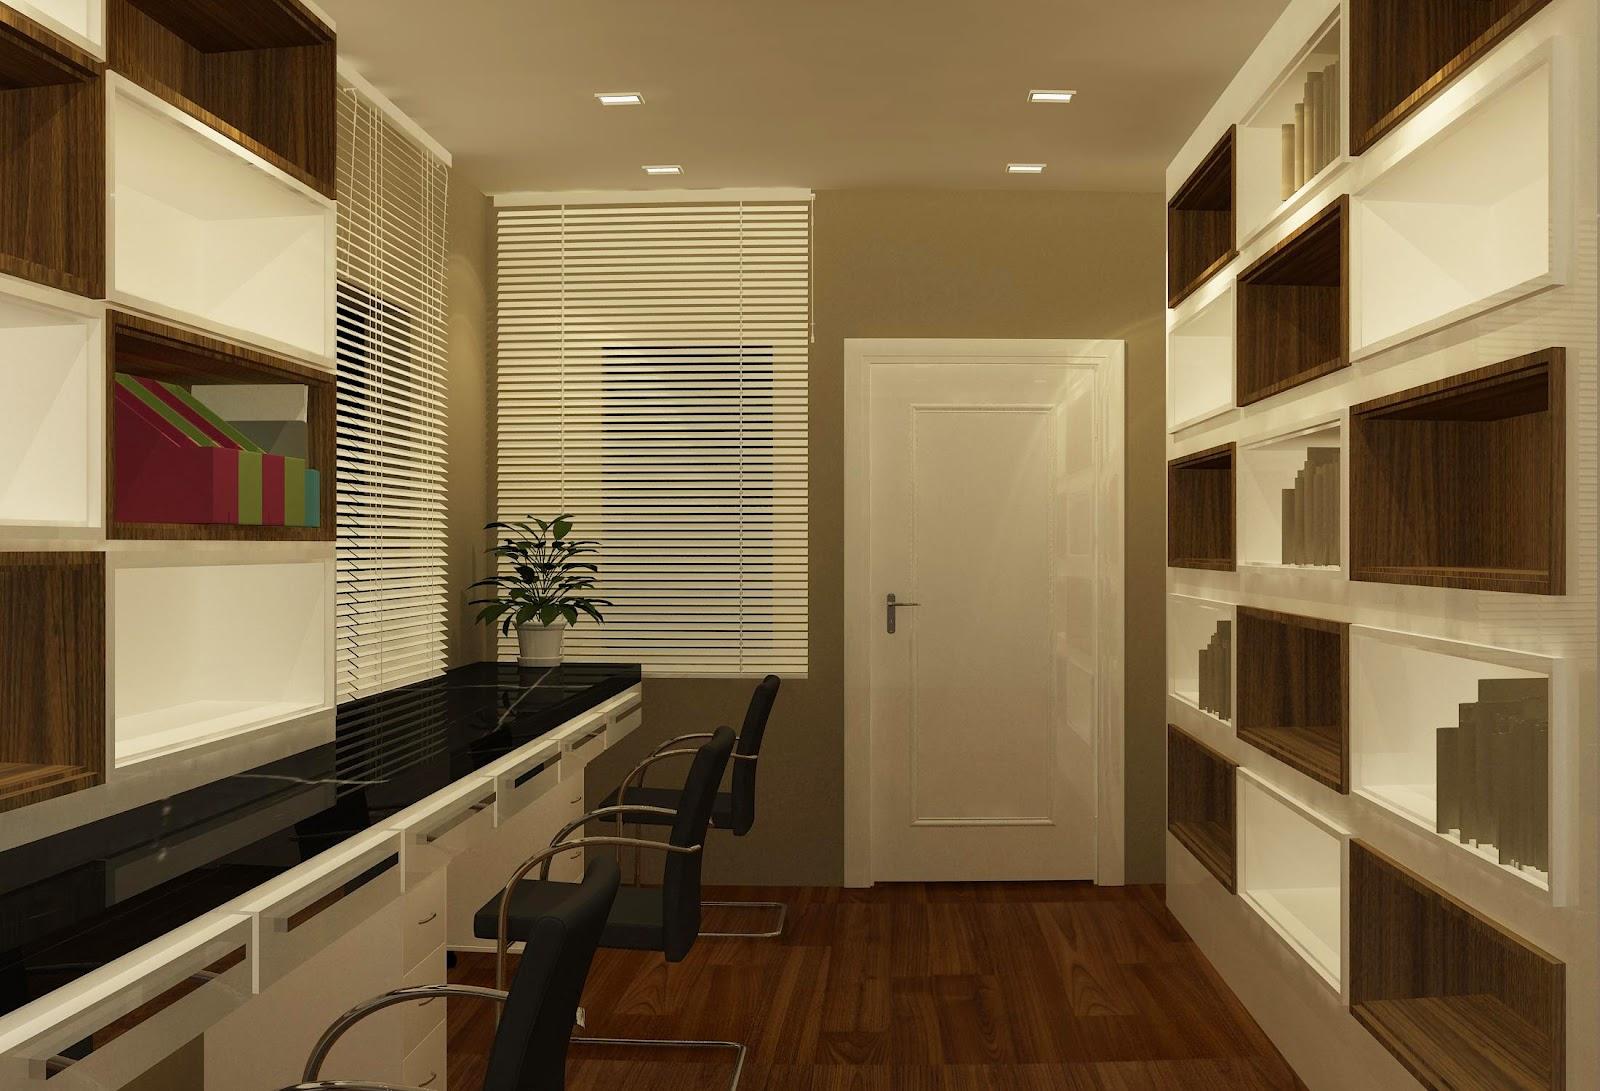 2013 malaysia condo kitchen design ask home design for 2013 kitchen designs